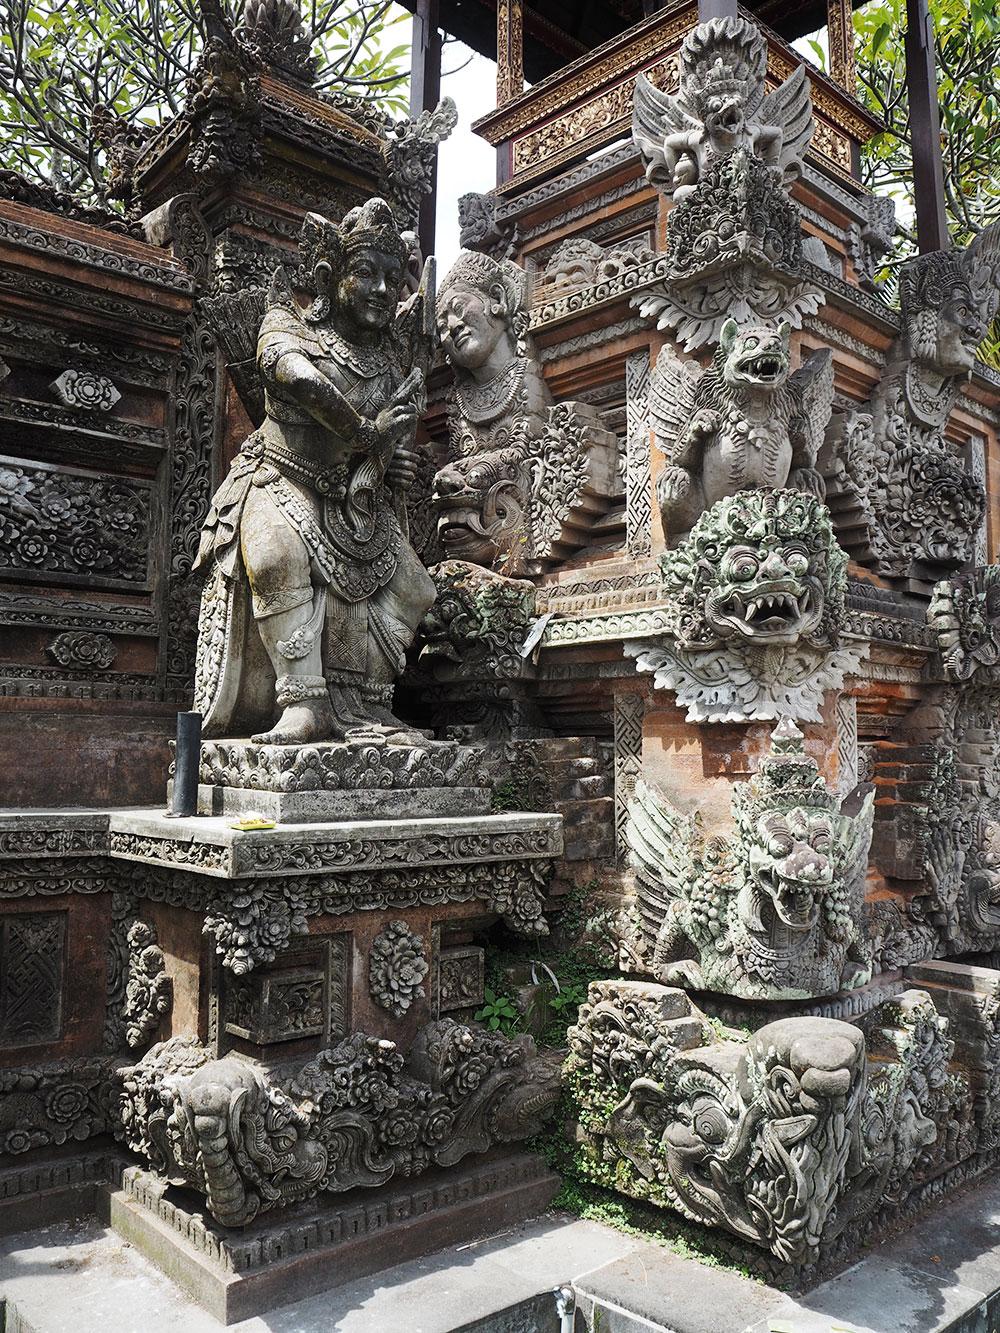 RosyCheeks-Bali-Ubud-Temple-figures